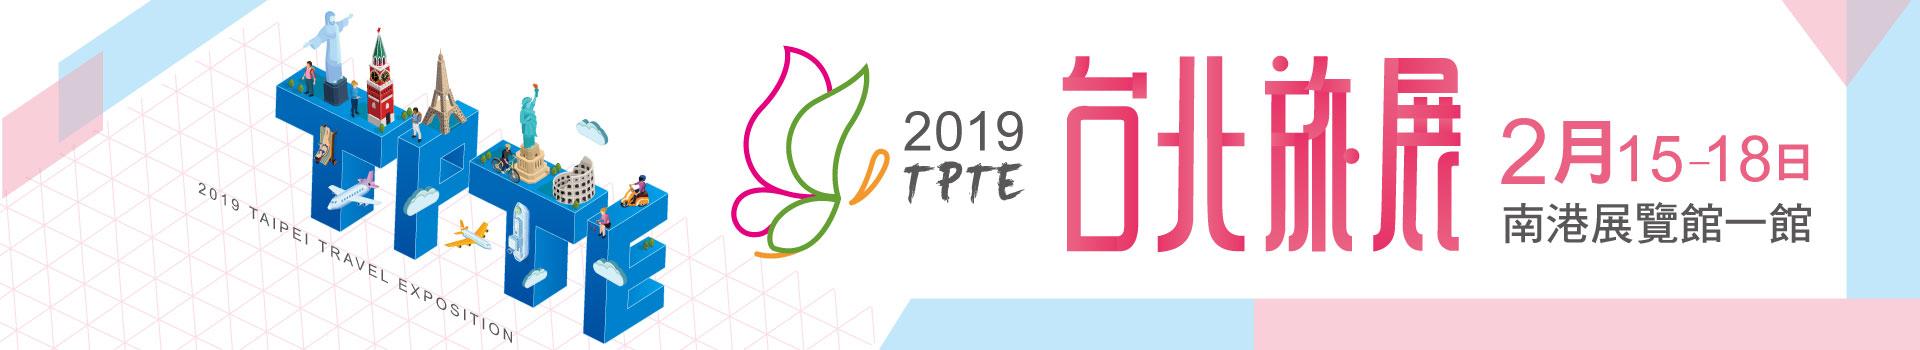 2019台北旅展